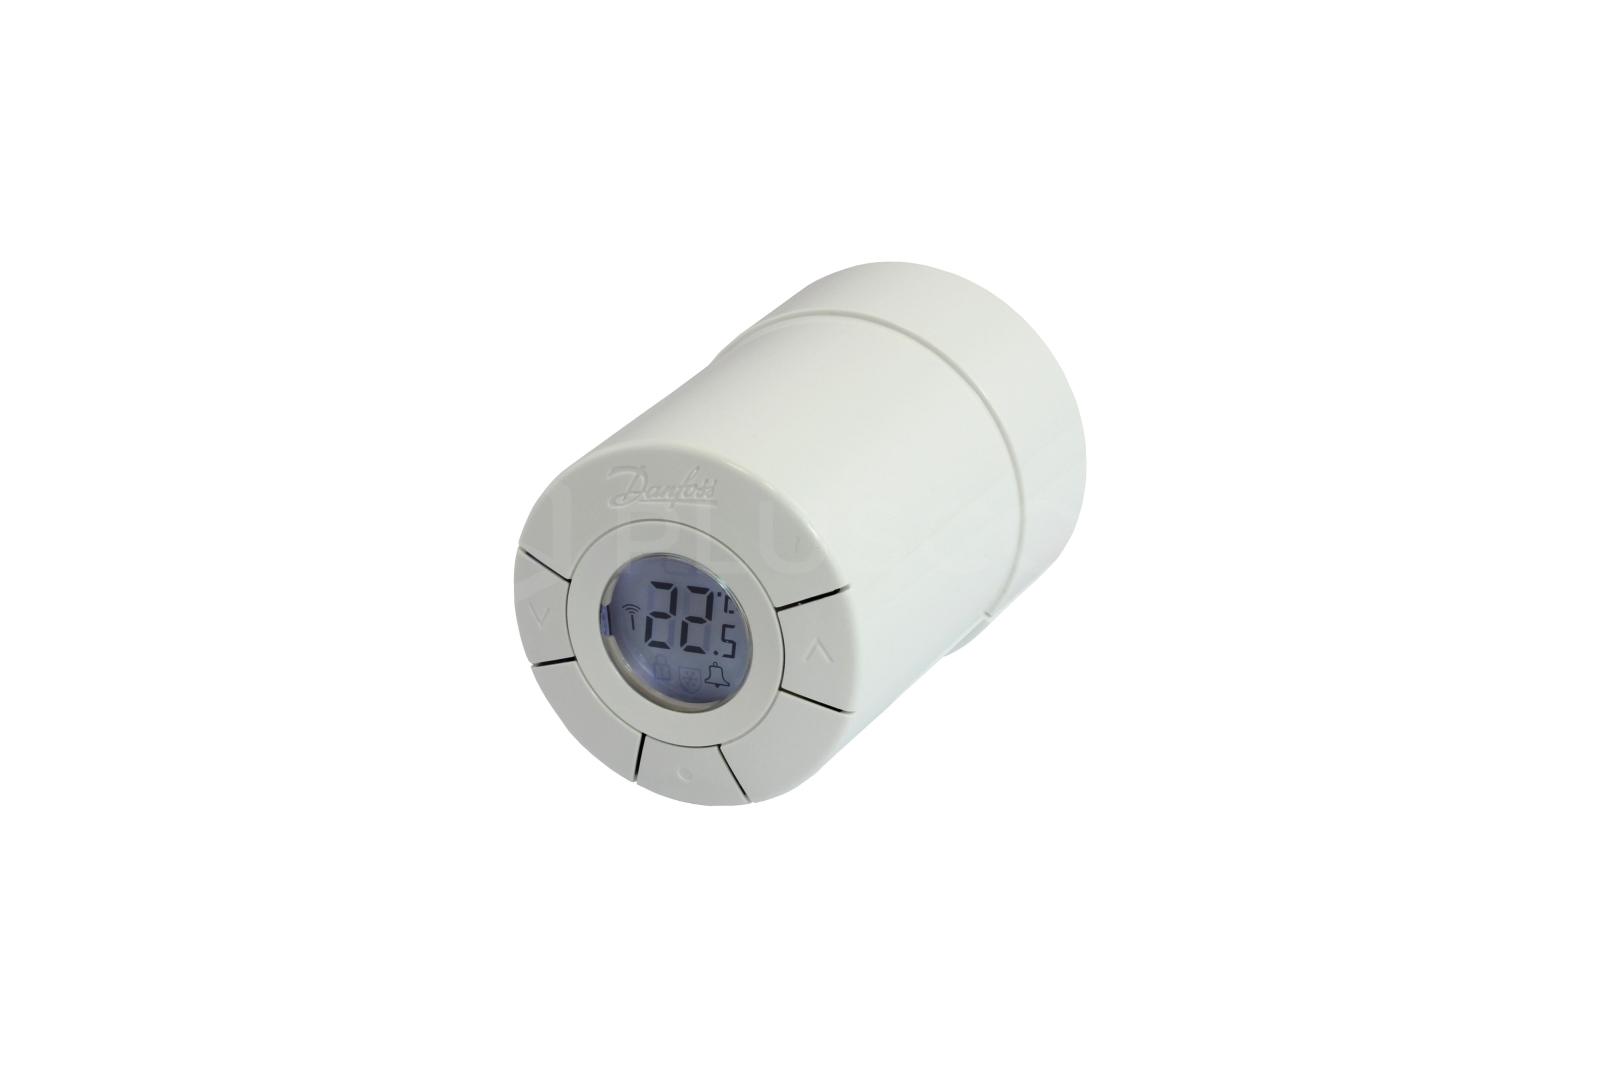 Danfoss Living Connect Z 014g0013 Z Wave Radiator Thermostat